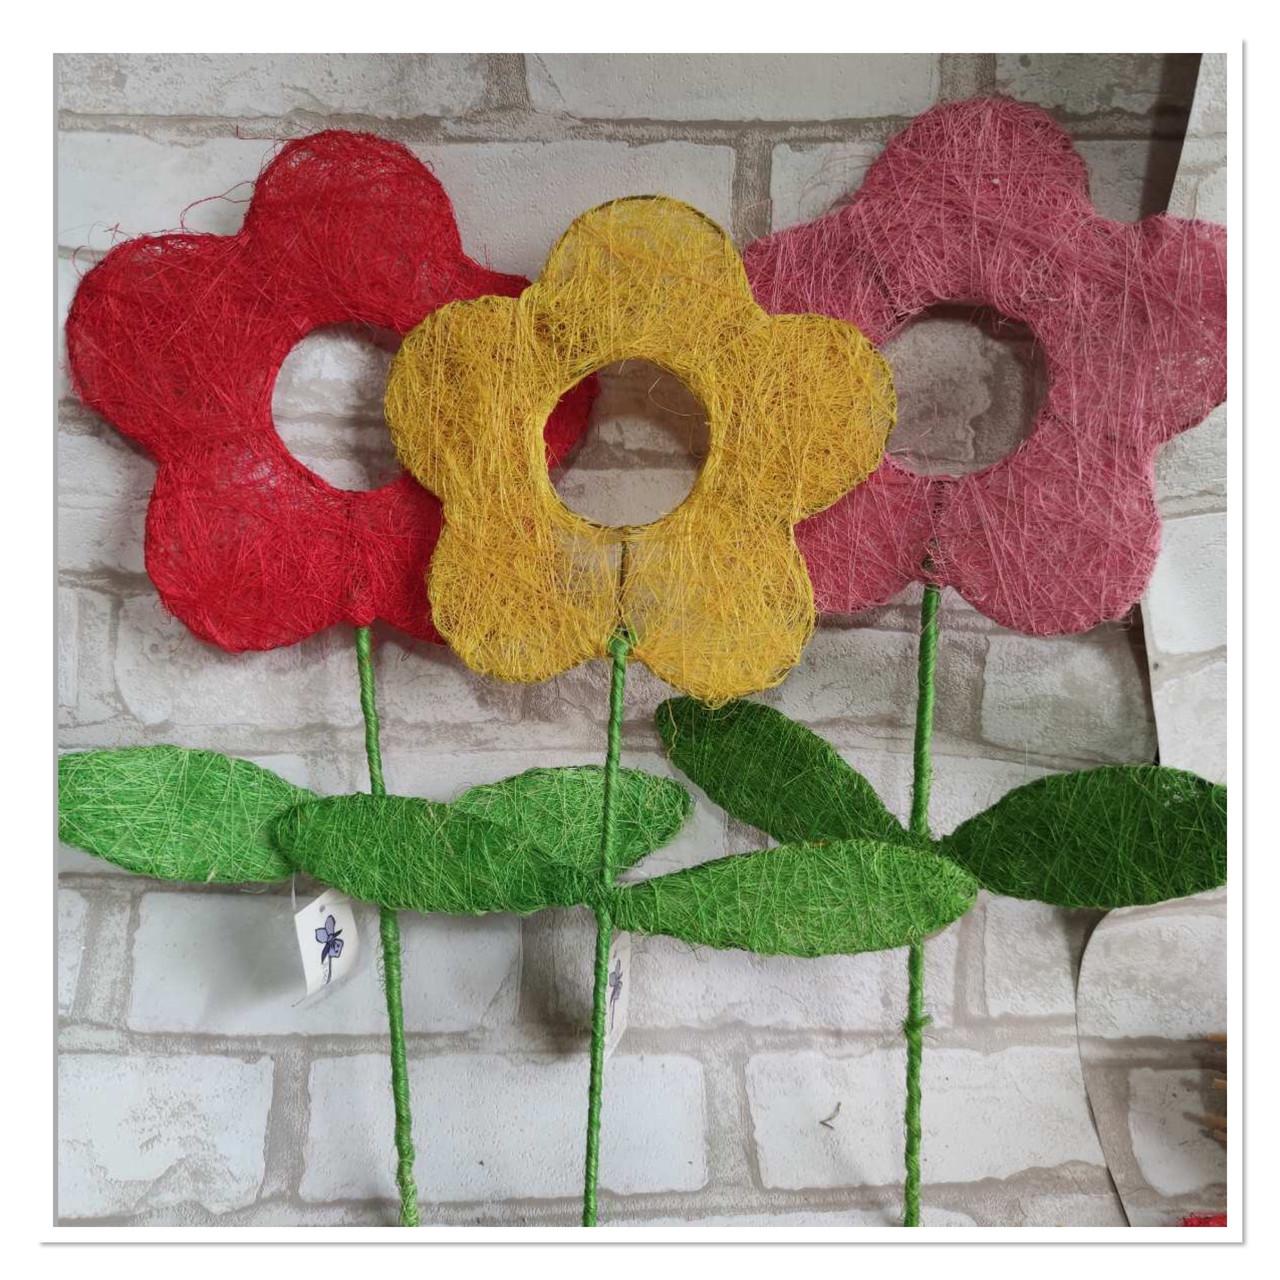 Заготовки для творчості із сизалю у вигляді квіточки, висота 40 см, 22 грн